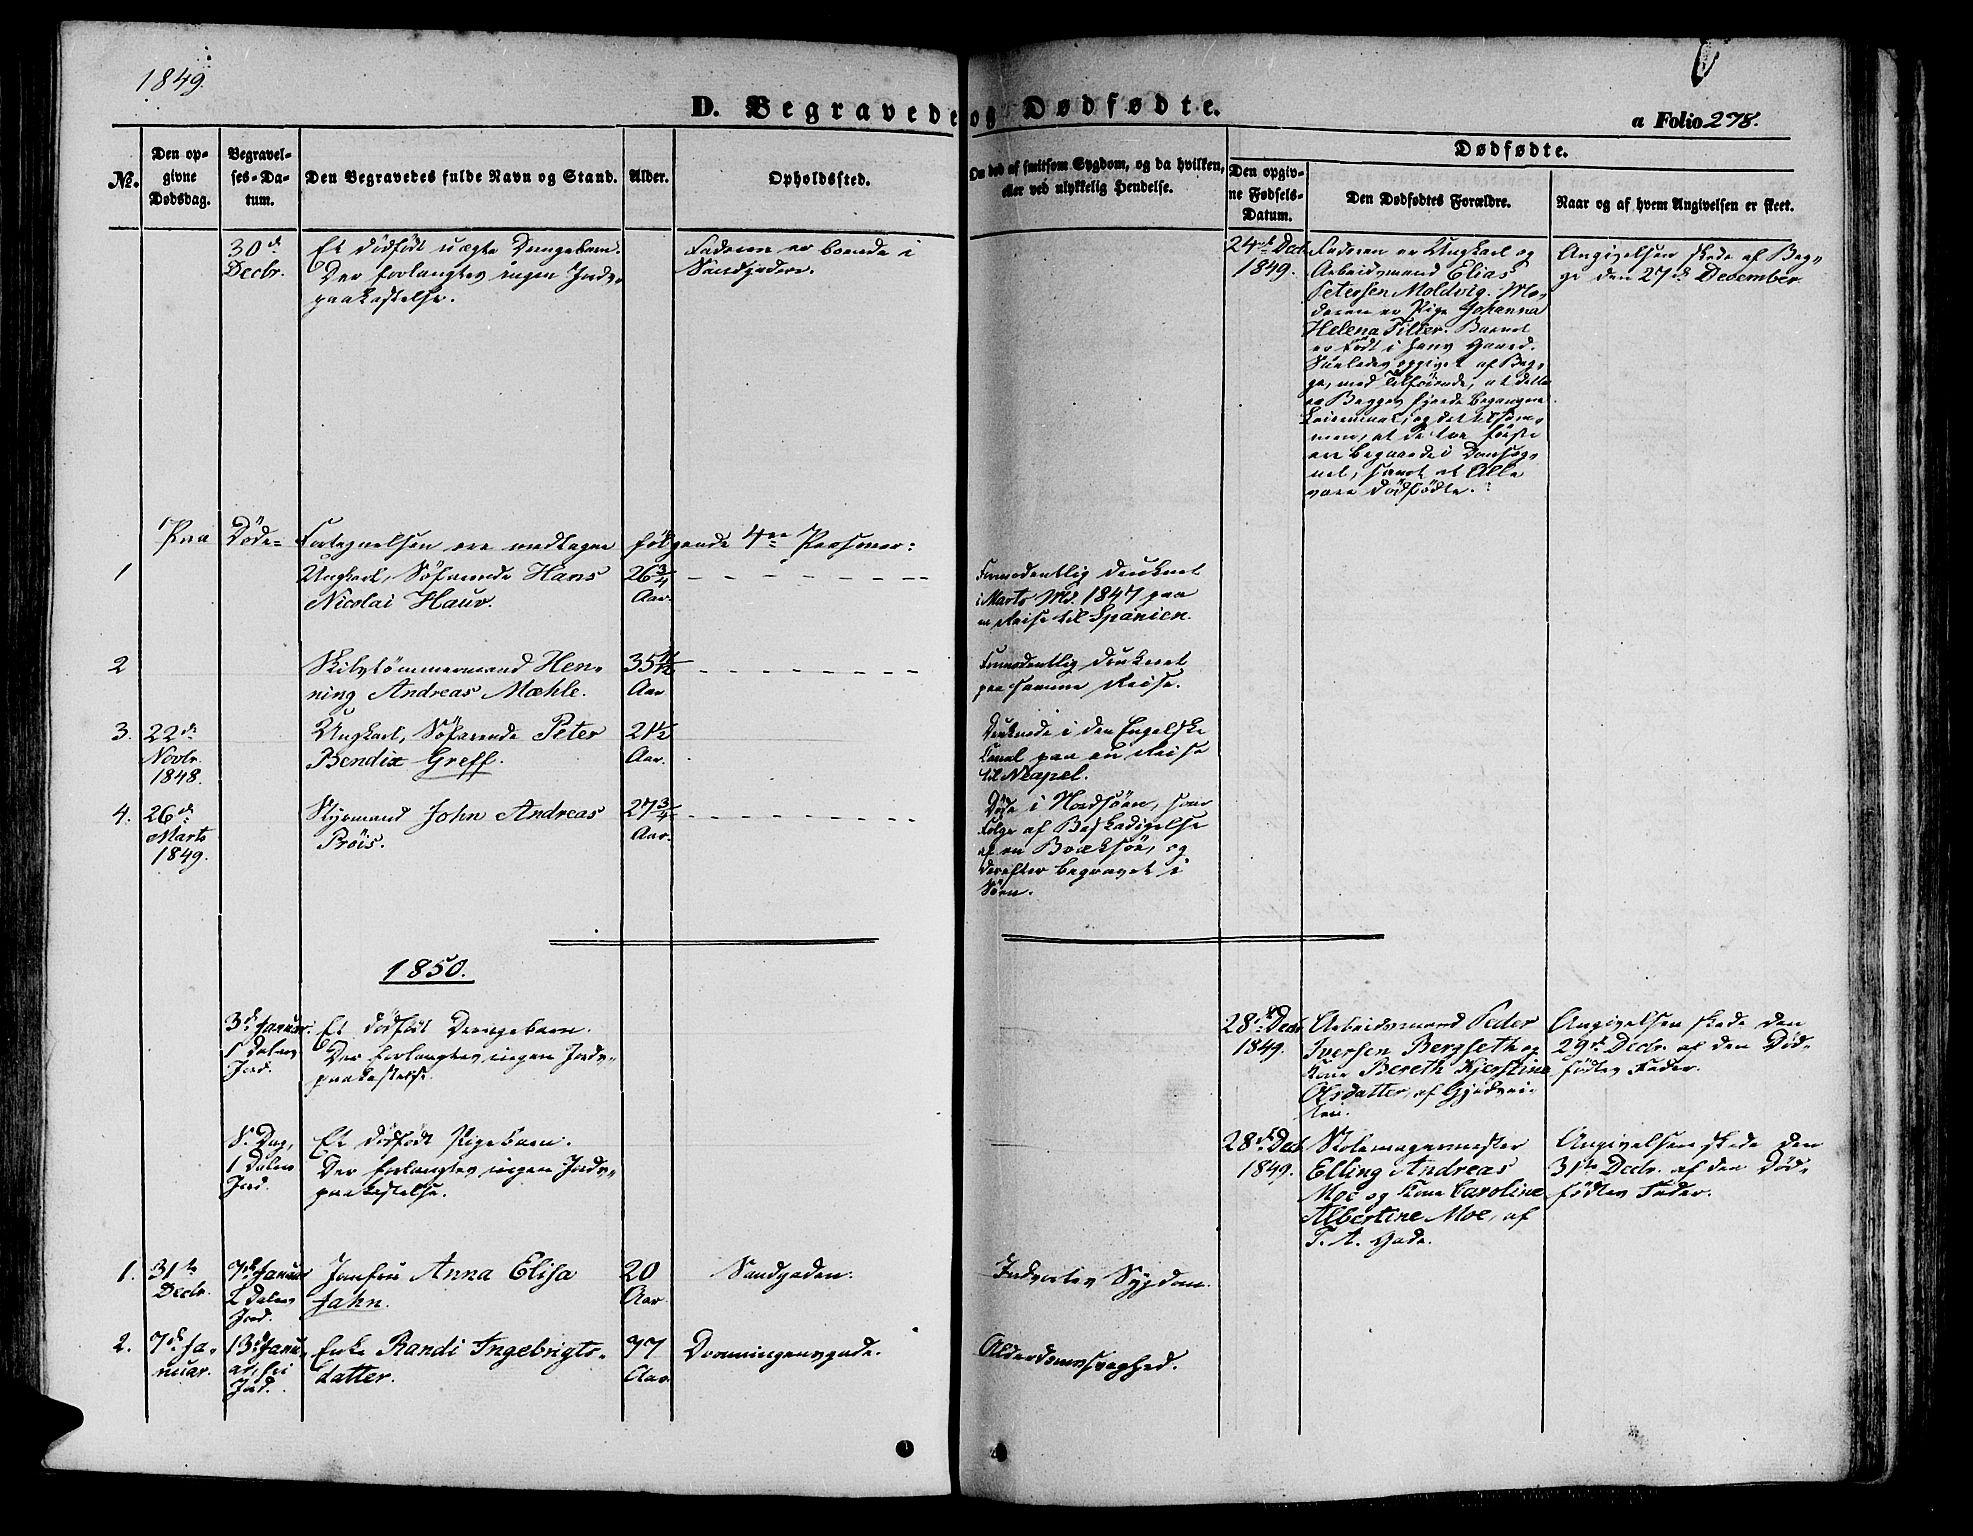 SAT, Ministerialprotokoller, klokkerbøker og fødselsregistre - Sør-Trøndelag, 602/L0137: Klokkerbok nr. 602C05, 1846-1856, s. 278